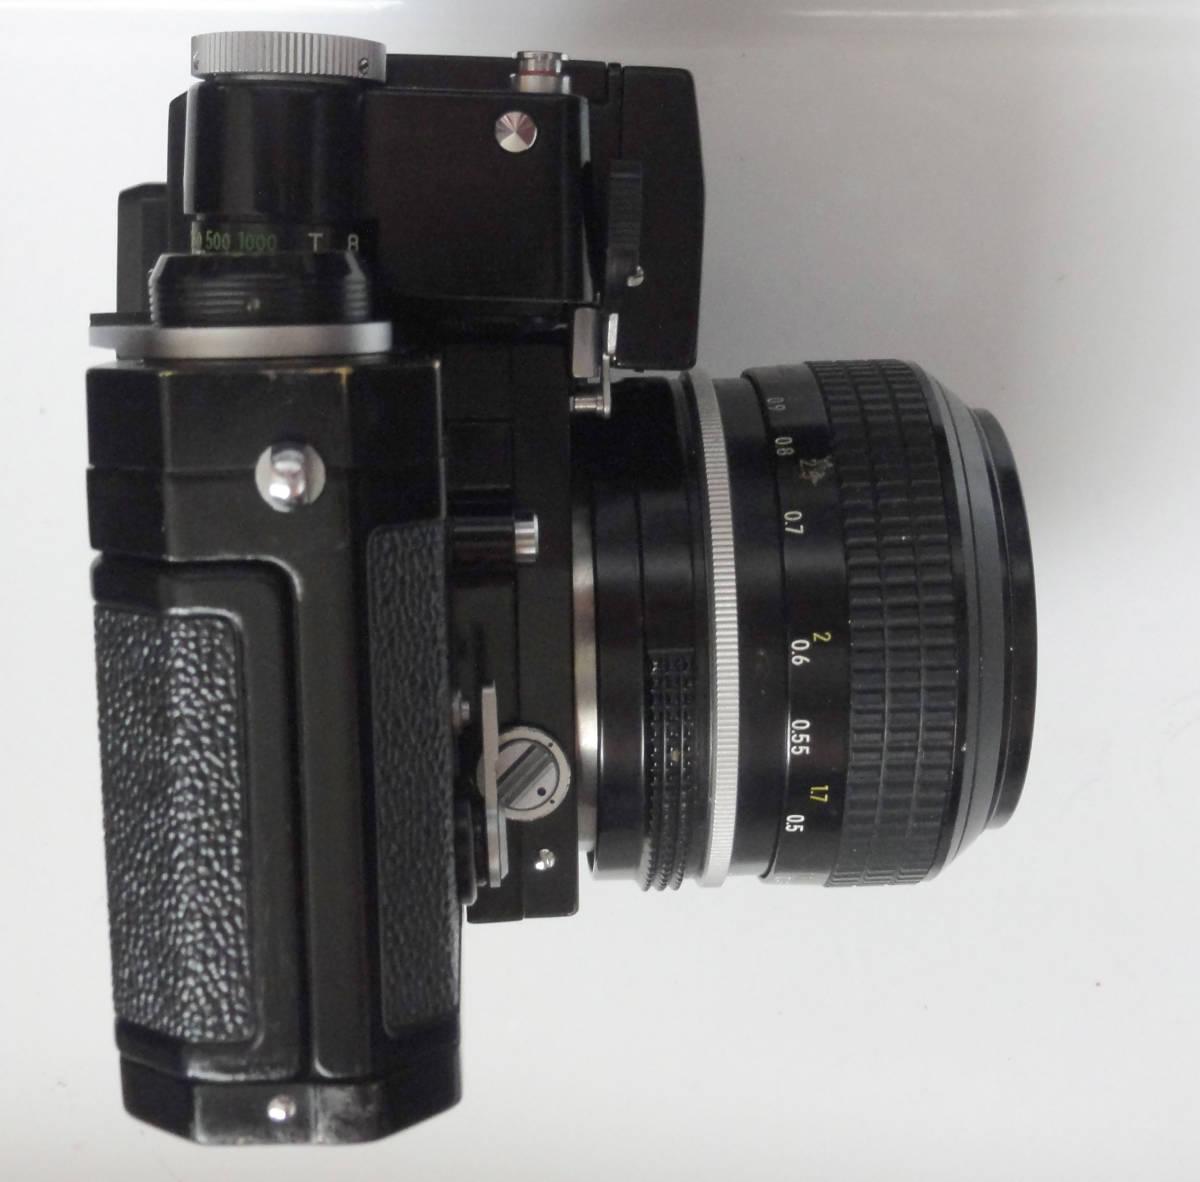 ニコンFブラックボディーフォトミックファインダーFTn付き、標準レンズの外観が大きい50mmF1.4のNikkor付き_画像6